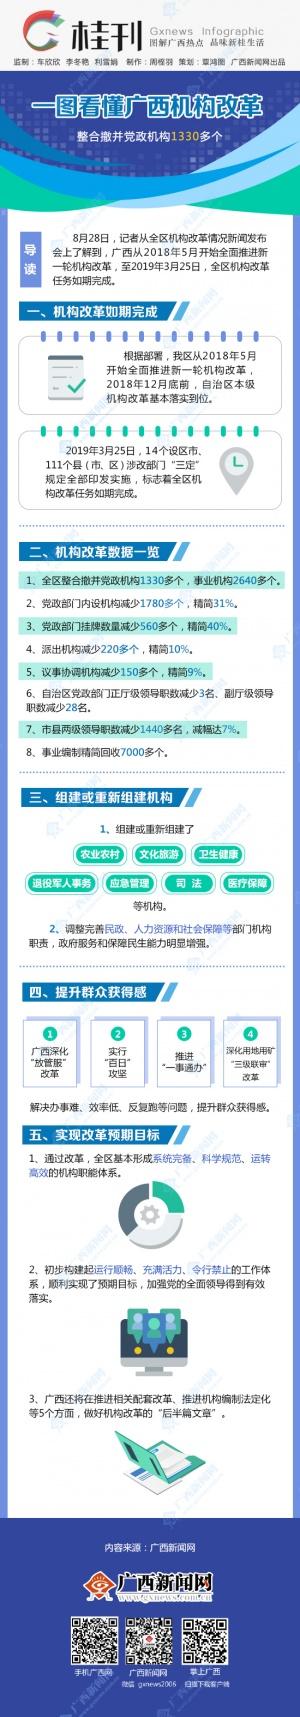 【桂刊】一图看懂广西机构改革